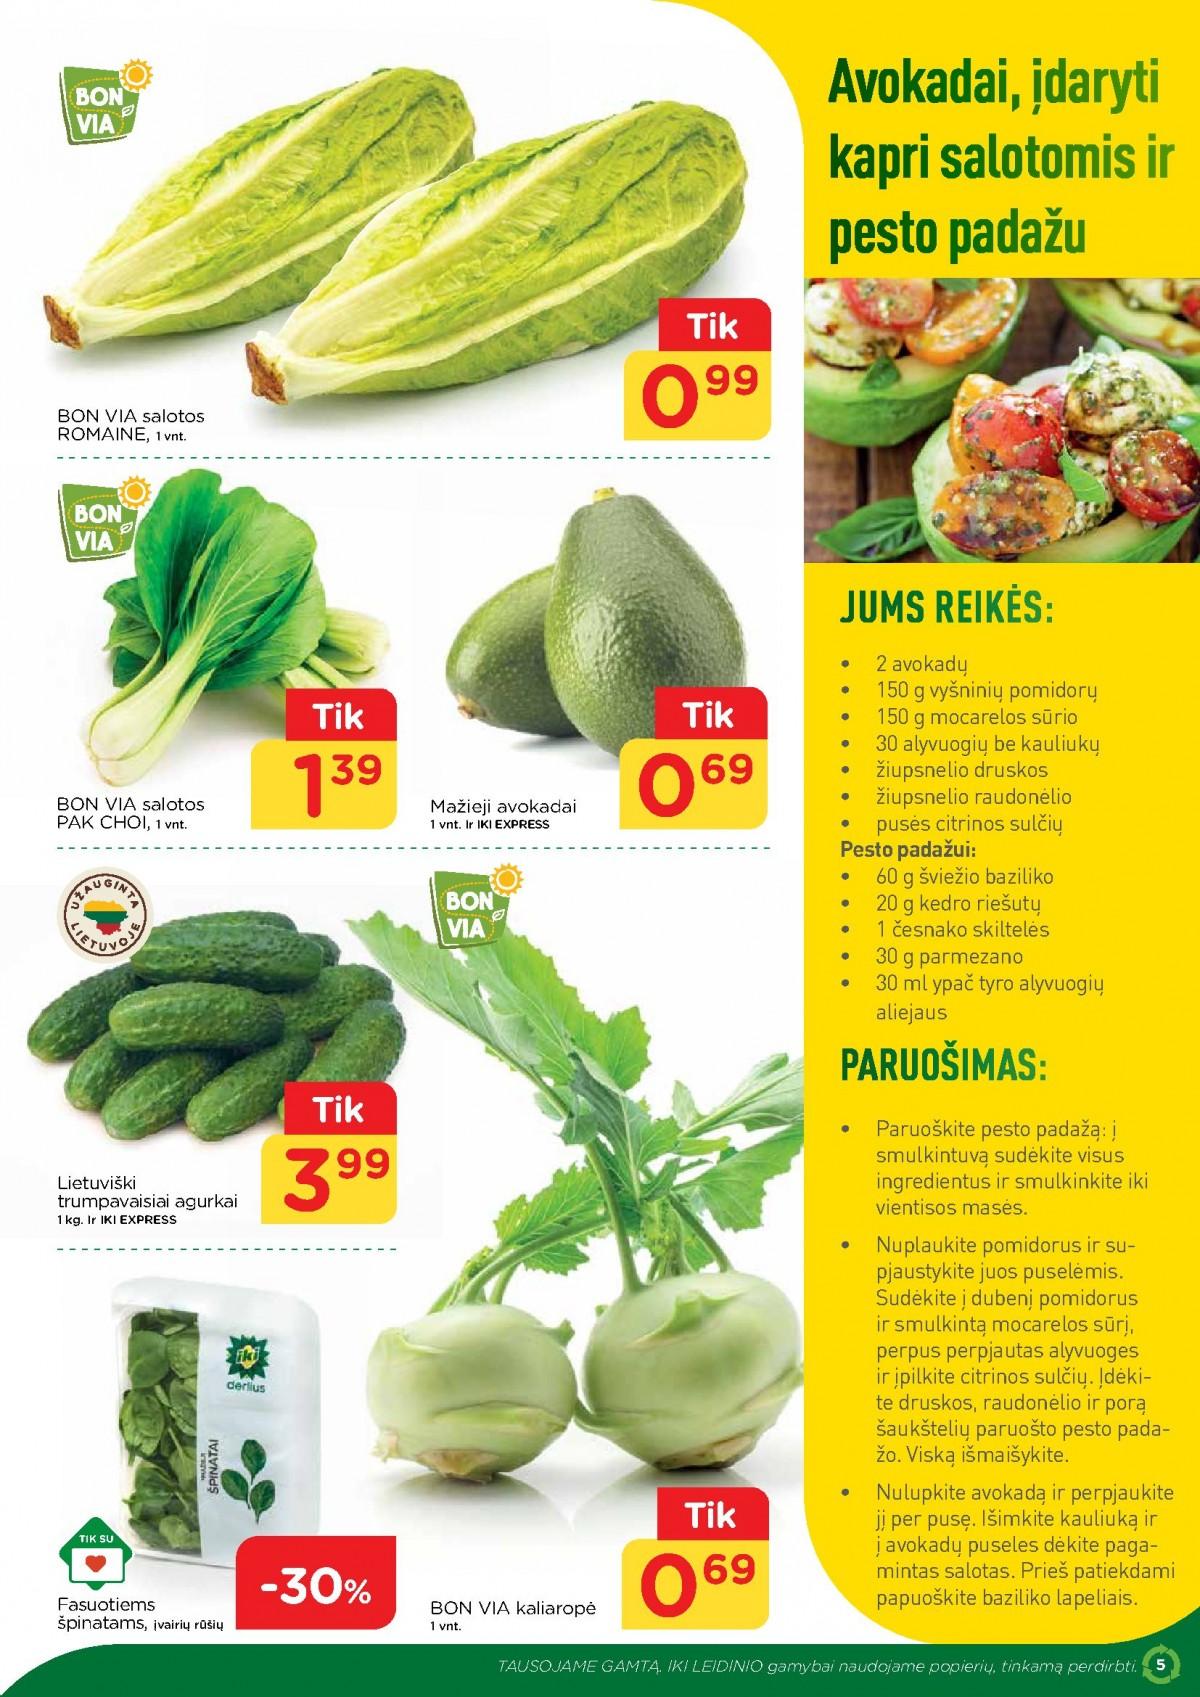 IKI šviežio maisto receptai Nr. 13 page 5